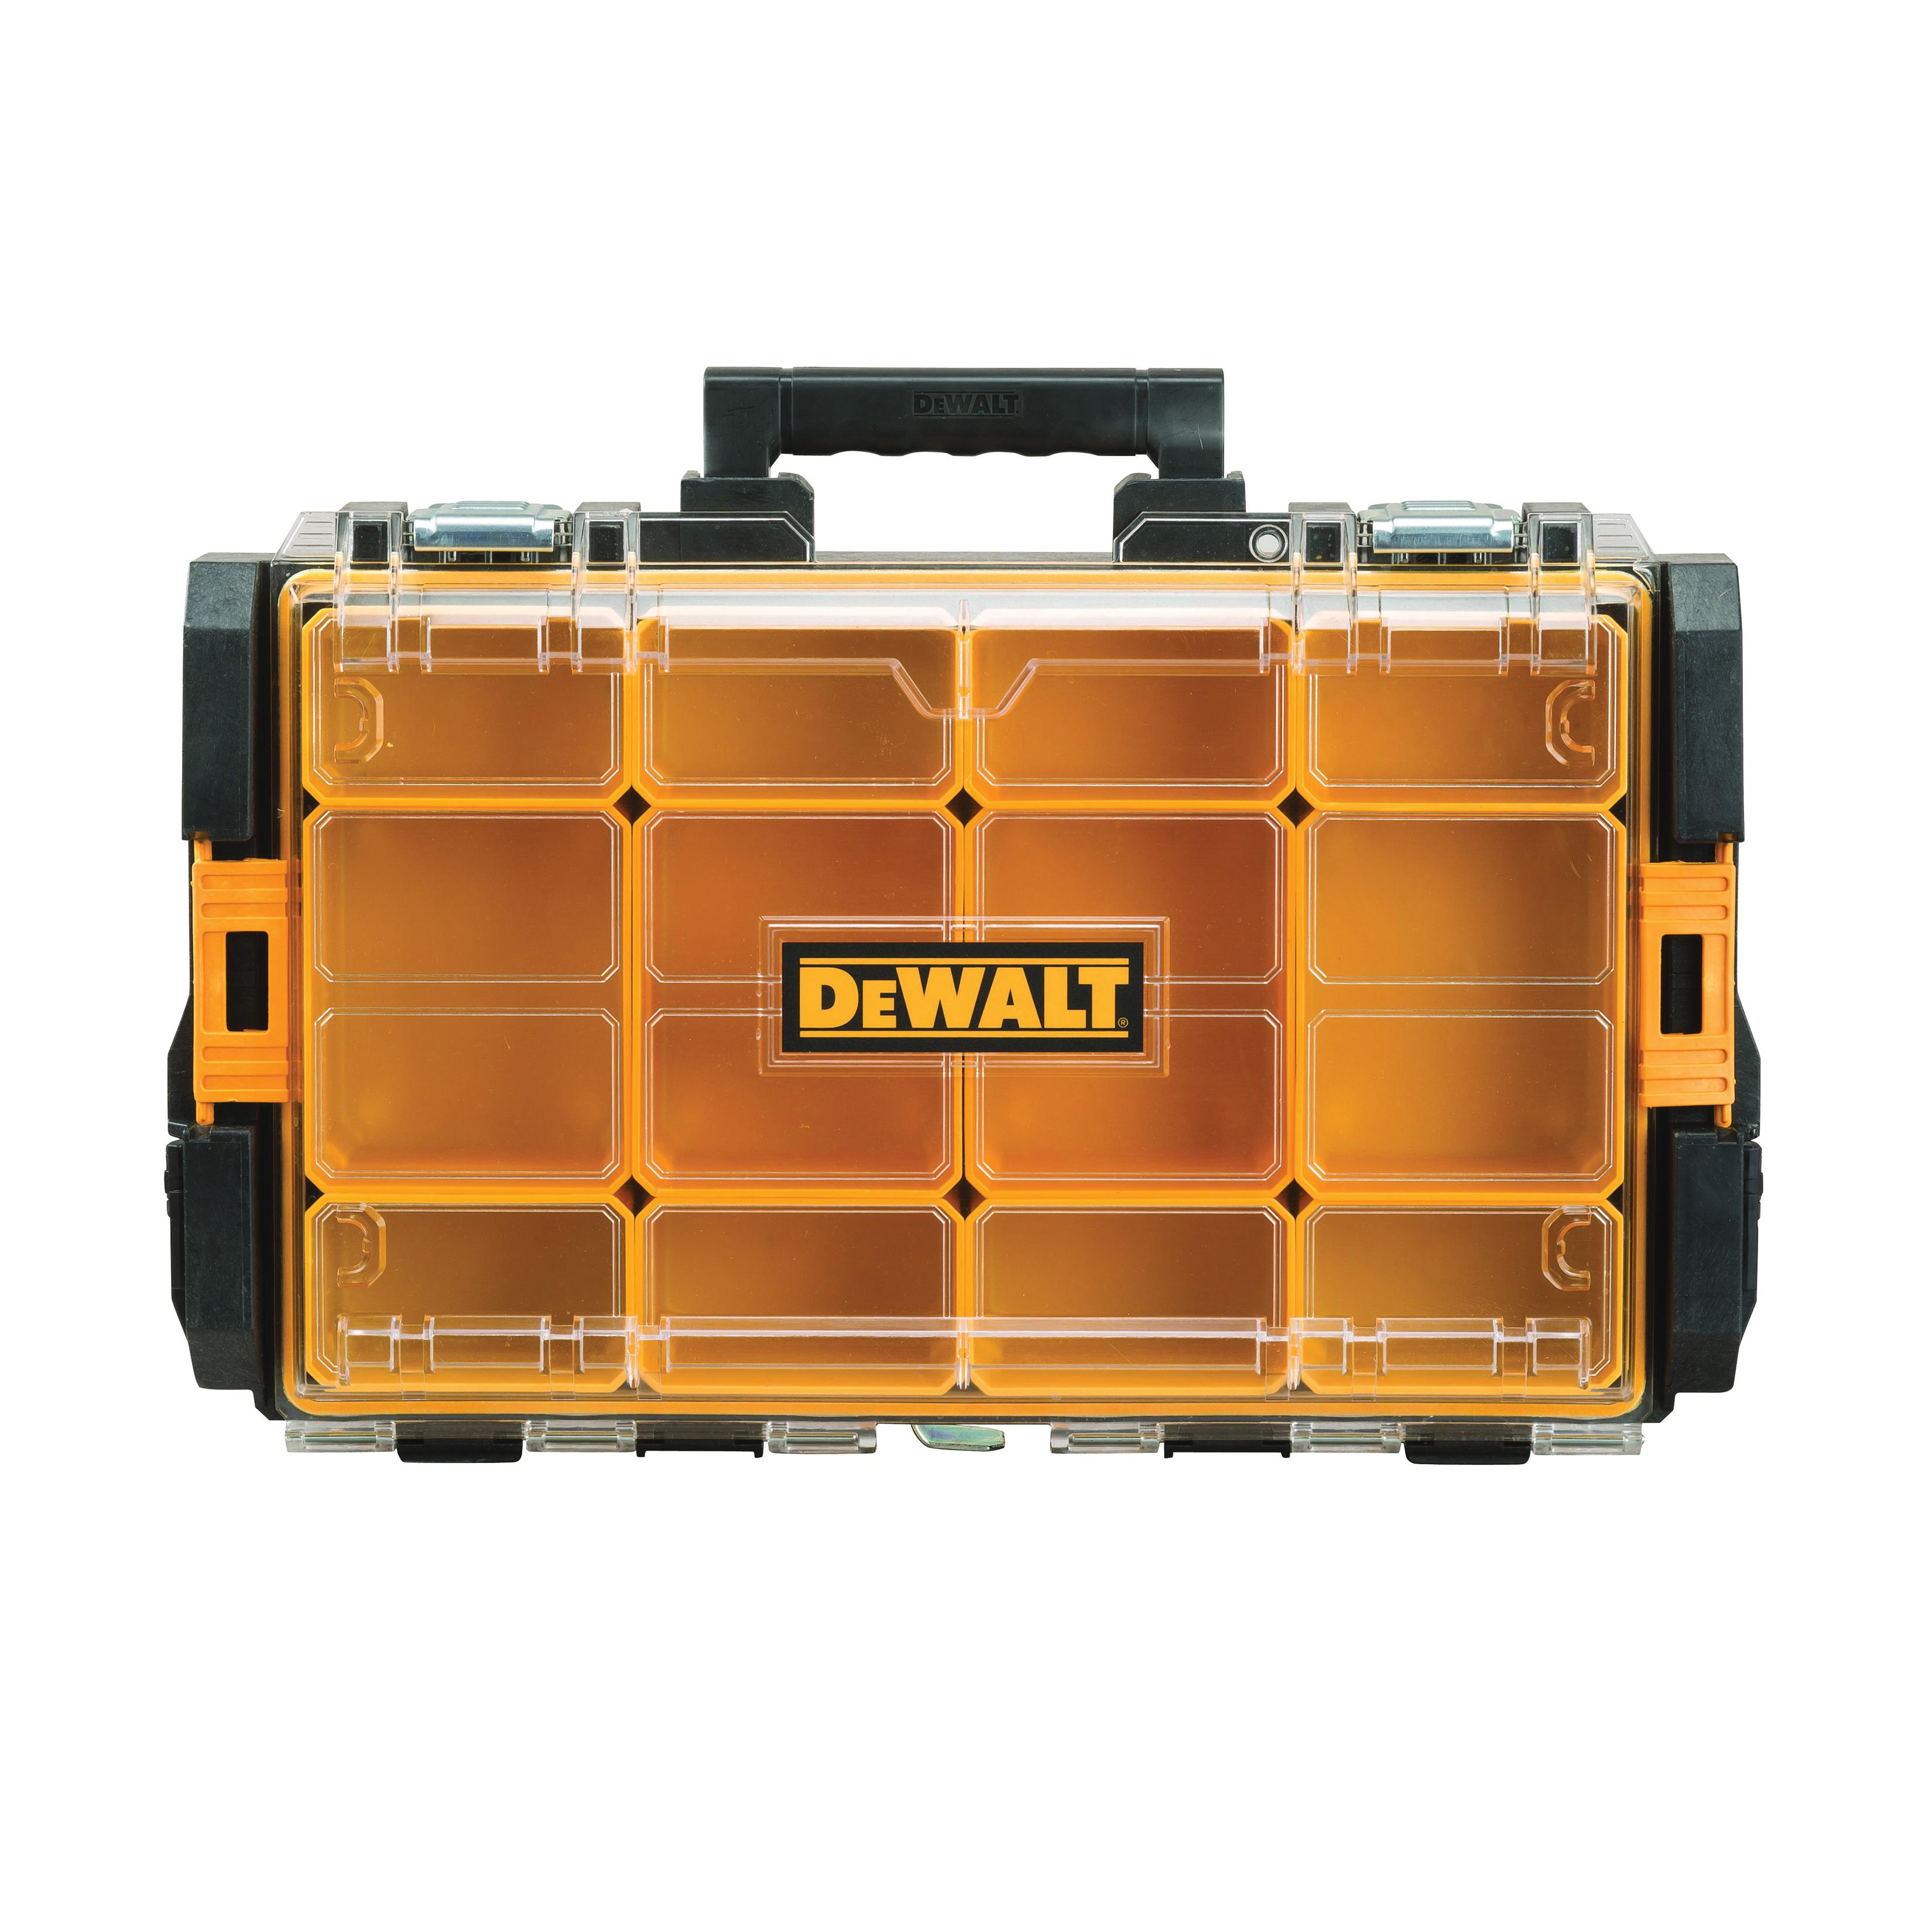 Picture of DeWALT ToughSystem DWST08202 Parts Organizer, 44 lb, 13-1/8 in OAW, 4-1/2 in OAH, 4.56 in OAD, Foam, Black